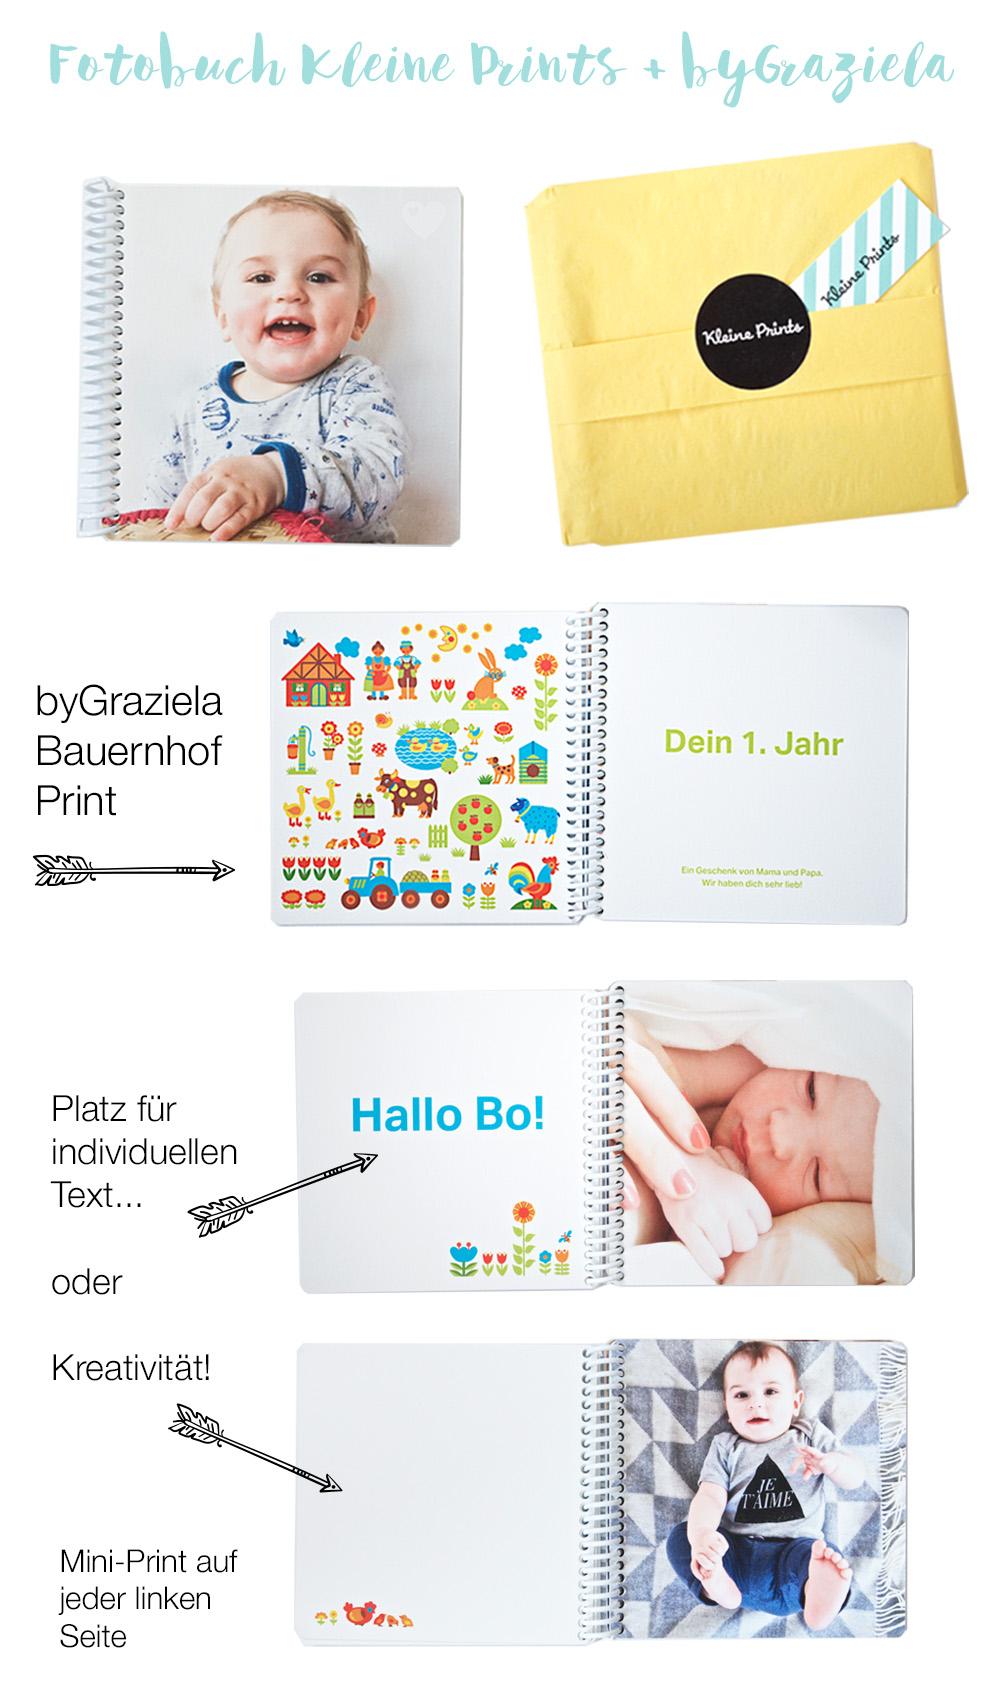 Fotobuch Kleine Prints + byGraziela | Pinkepank